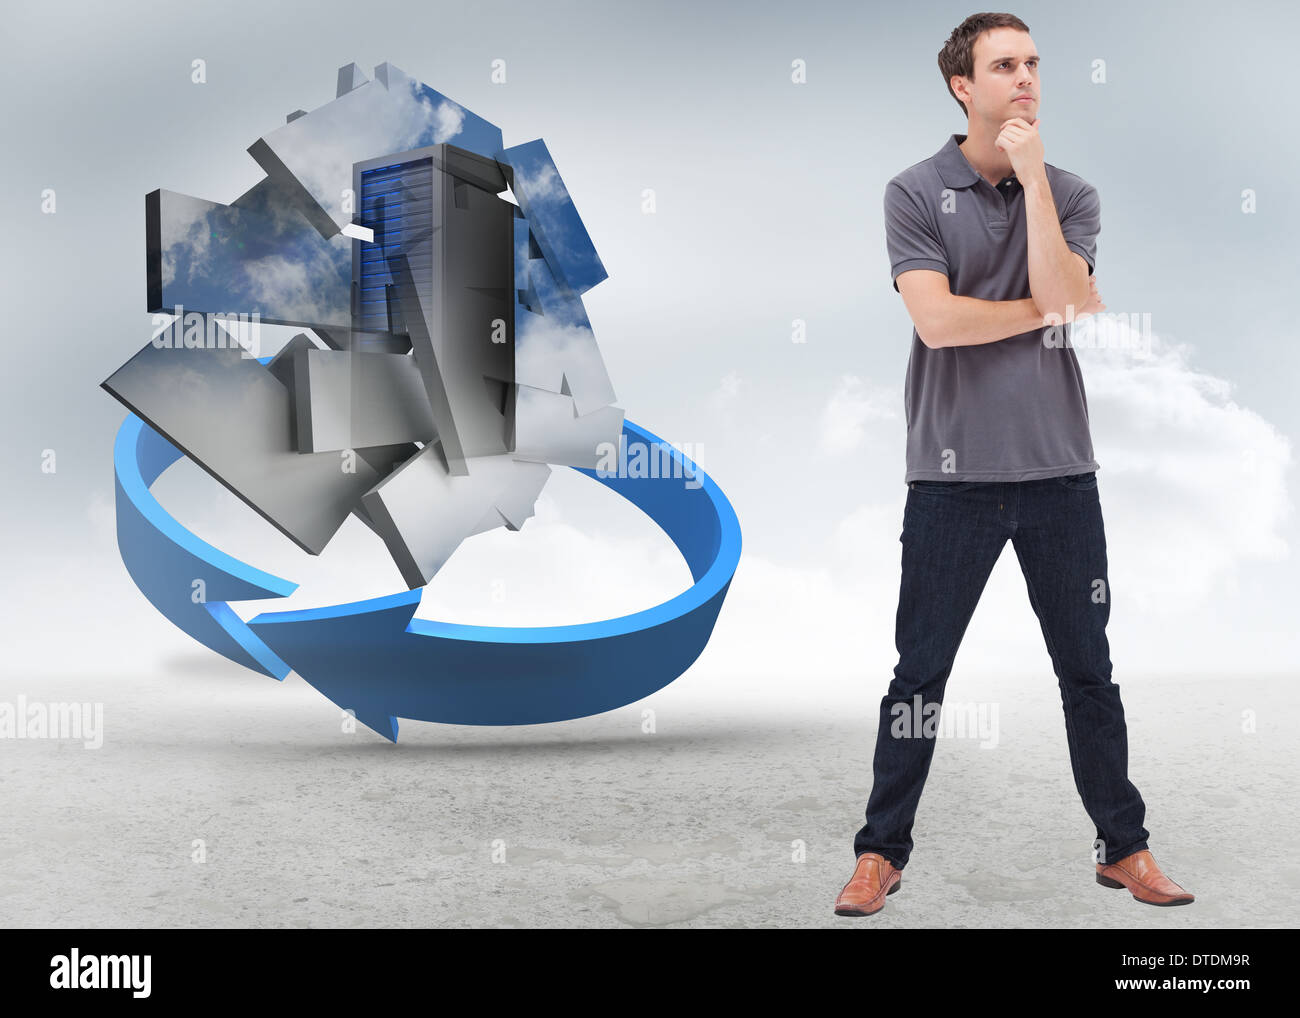 Imagen compuesta de reflexivo hombre de pie y sus piernas separadas Imagen De Stock